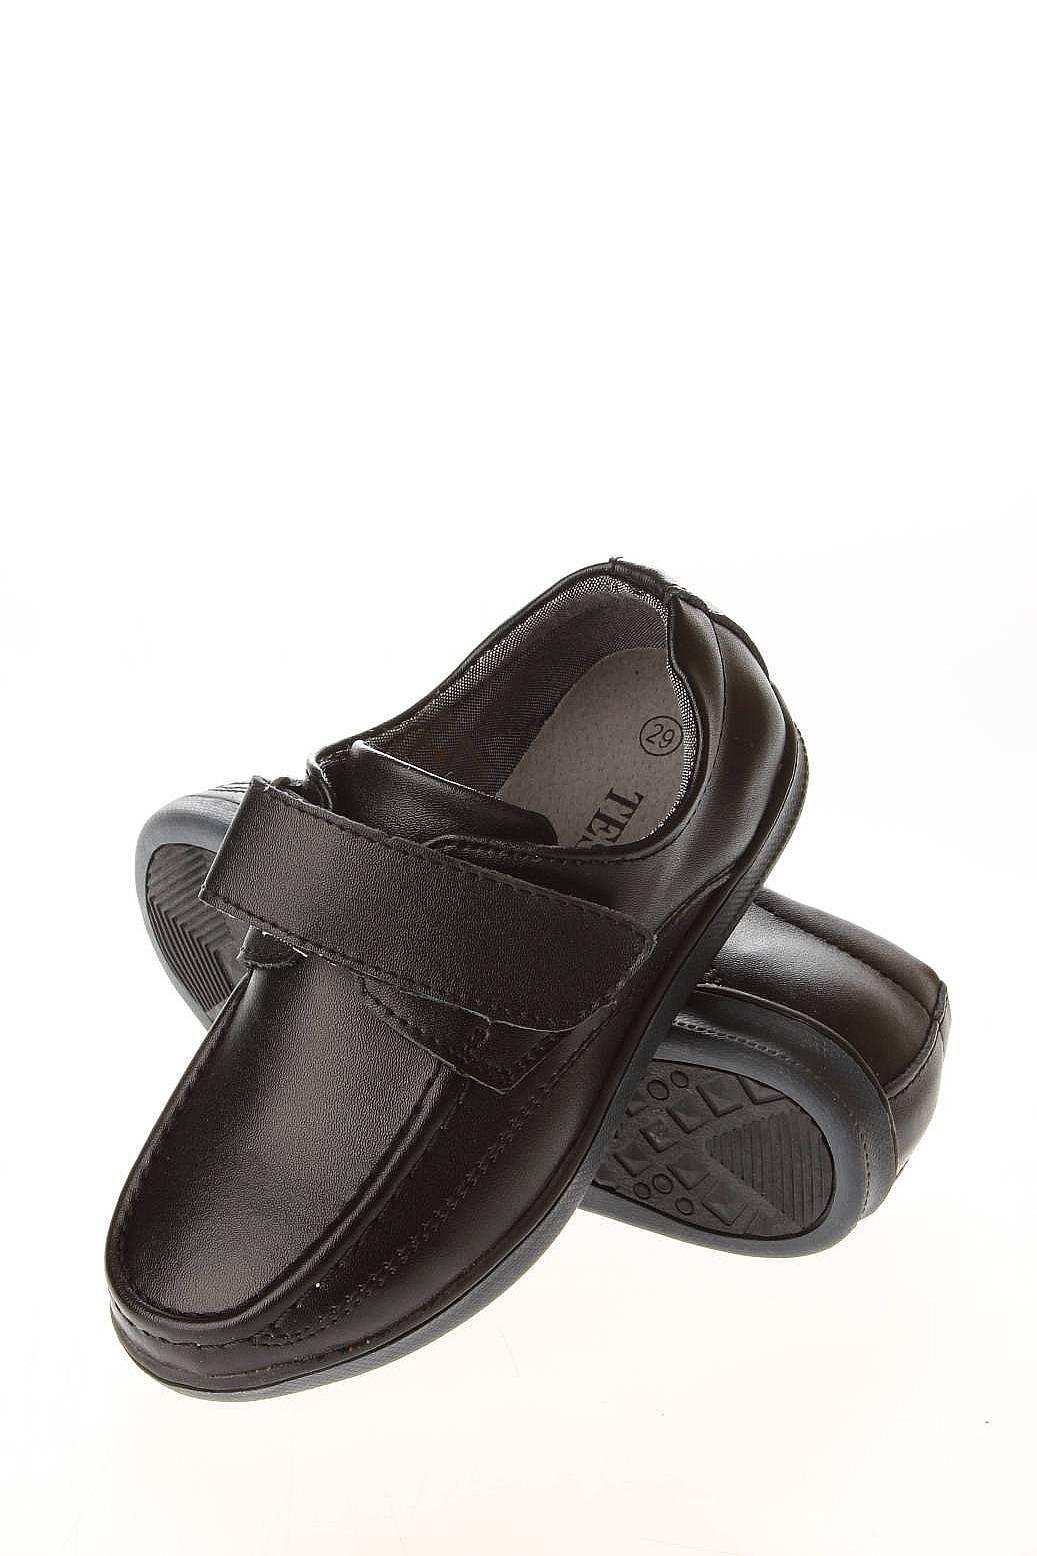 Мужская Обувь Детская Обувь Мокасины: Tesoro Обувь